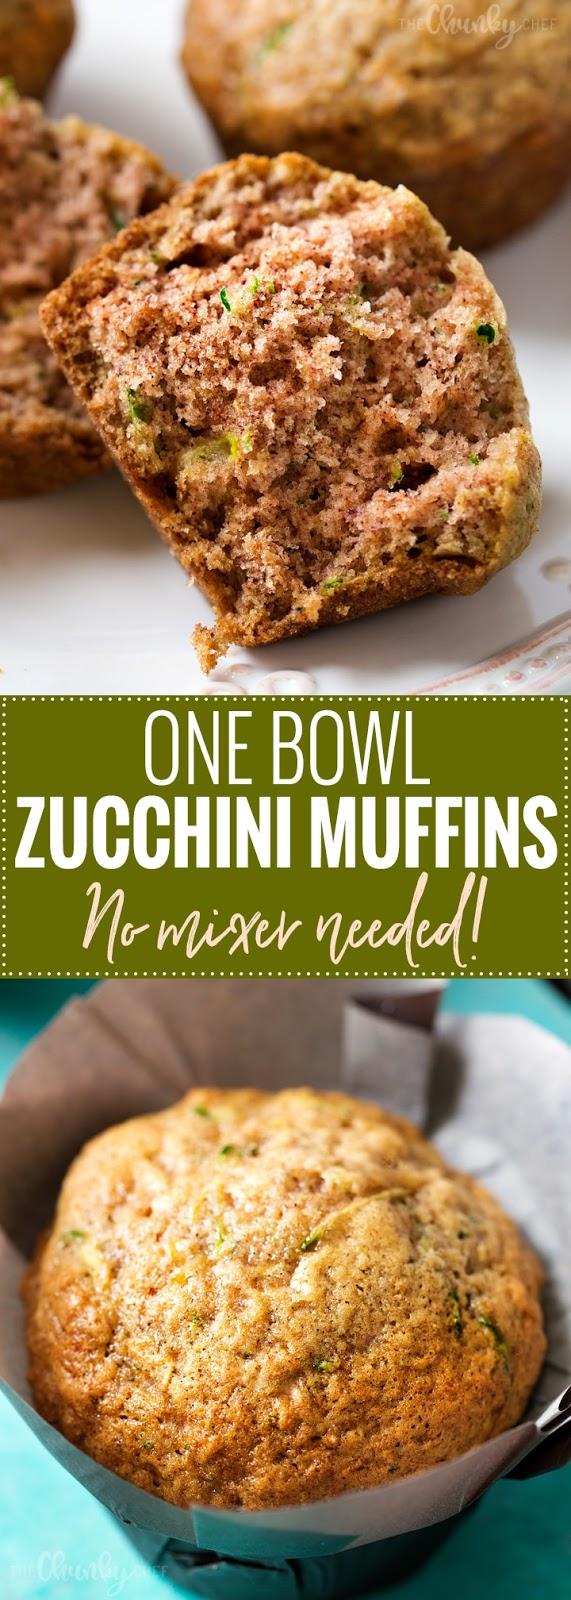 ONE BOWL ZUCCHINI MUFFINS RECIPES